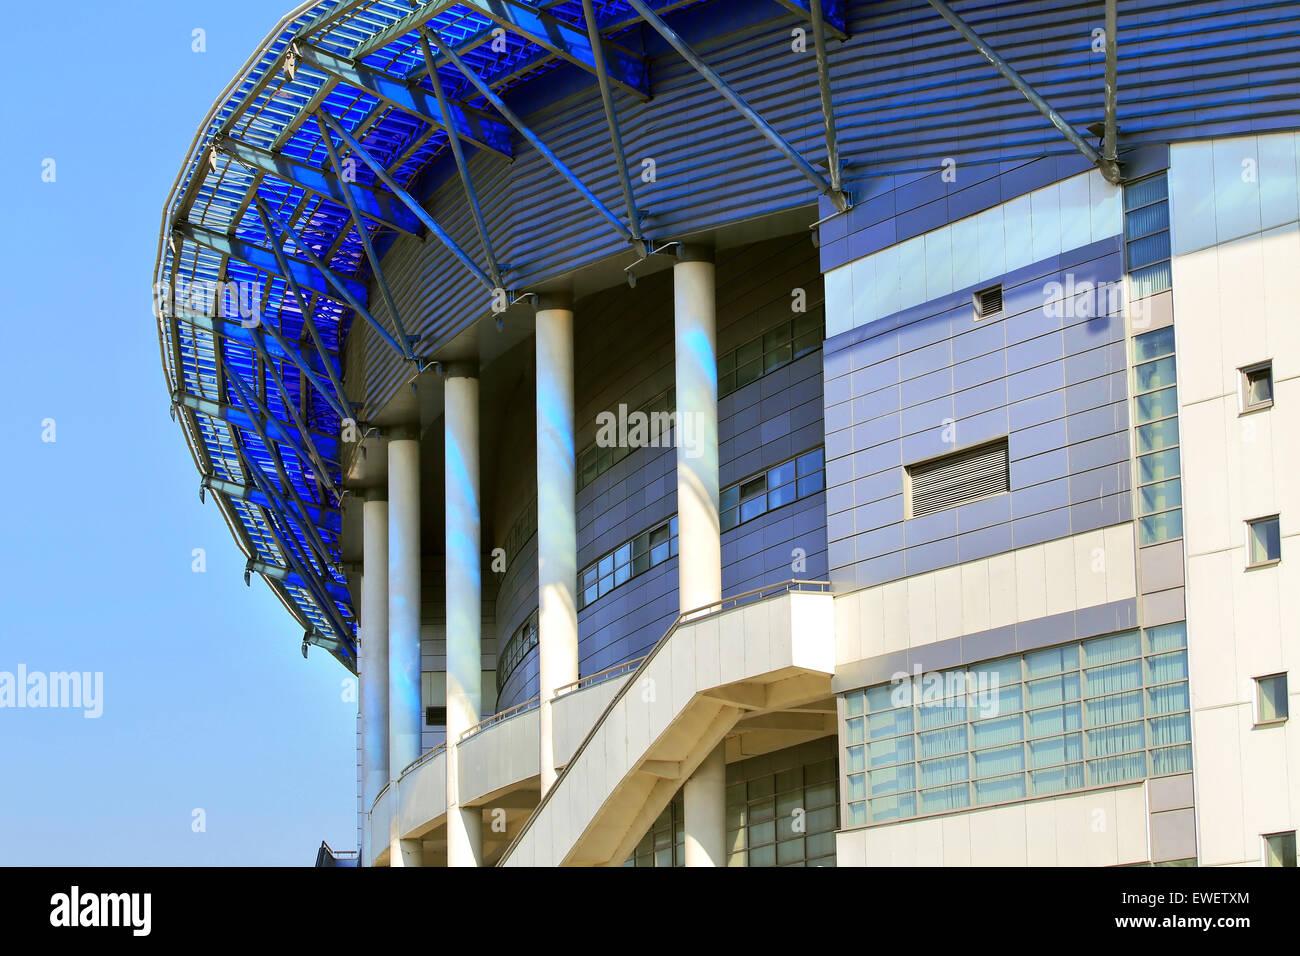 Strutture in cemento armato di grandi strutture sportive con pilastri di supporto e cavi di acciaio Immagini Stock